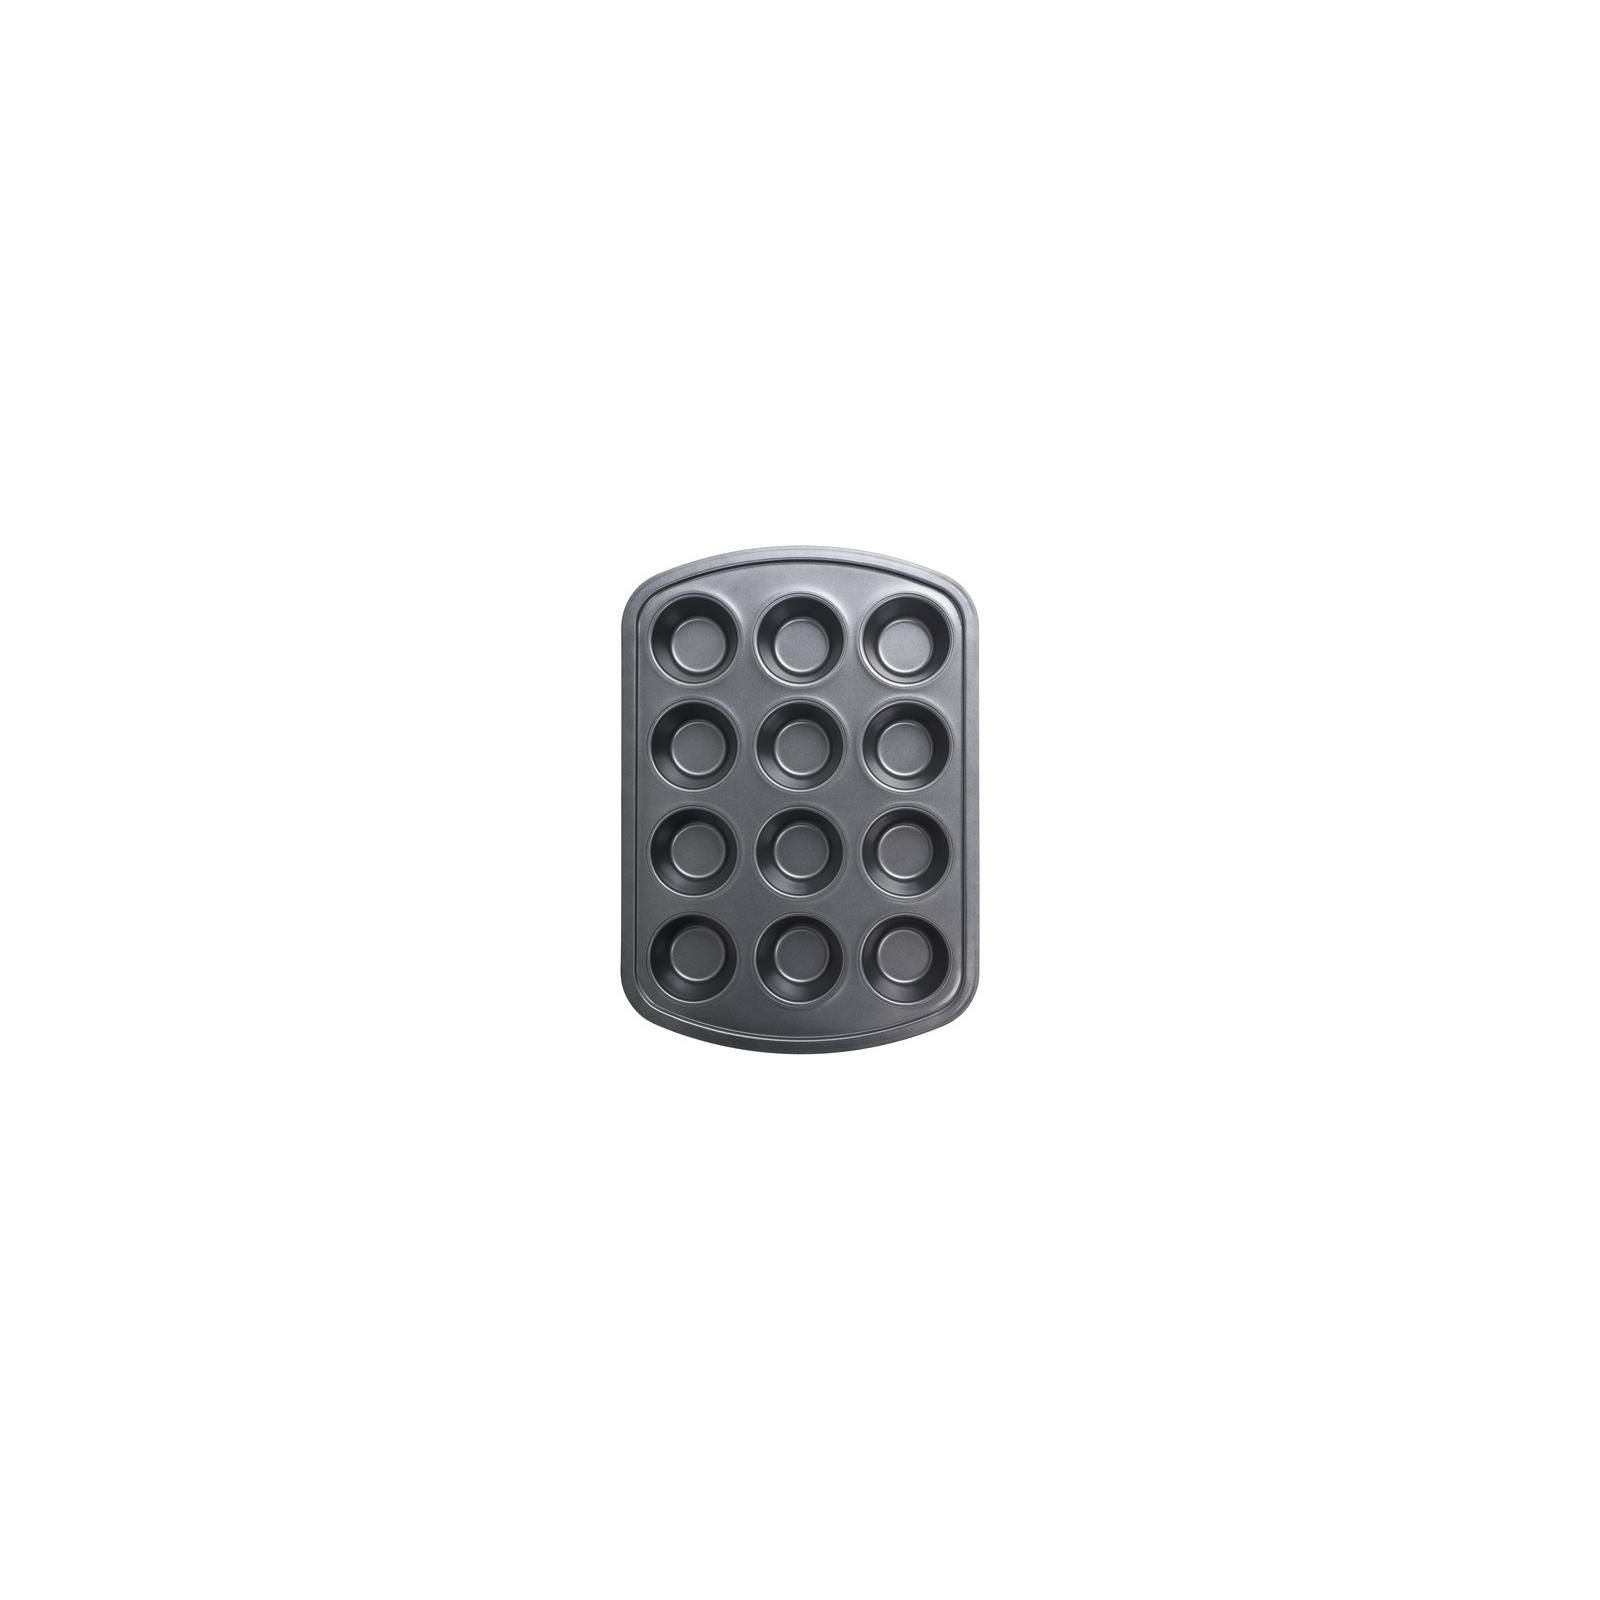 Форма для выпечки Ringel Strudel для маффинов на 12 шт 40.5 х 28 х 3.5 см (RG-10205) изображение 2